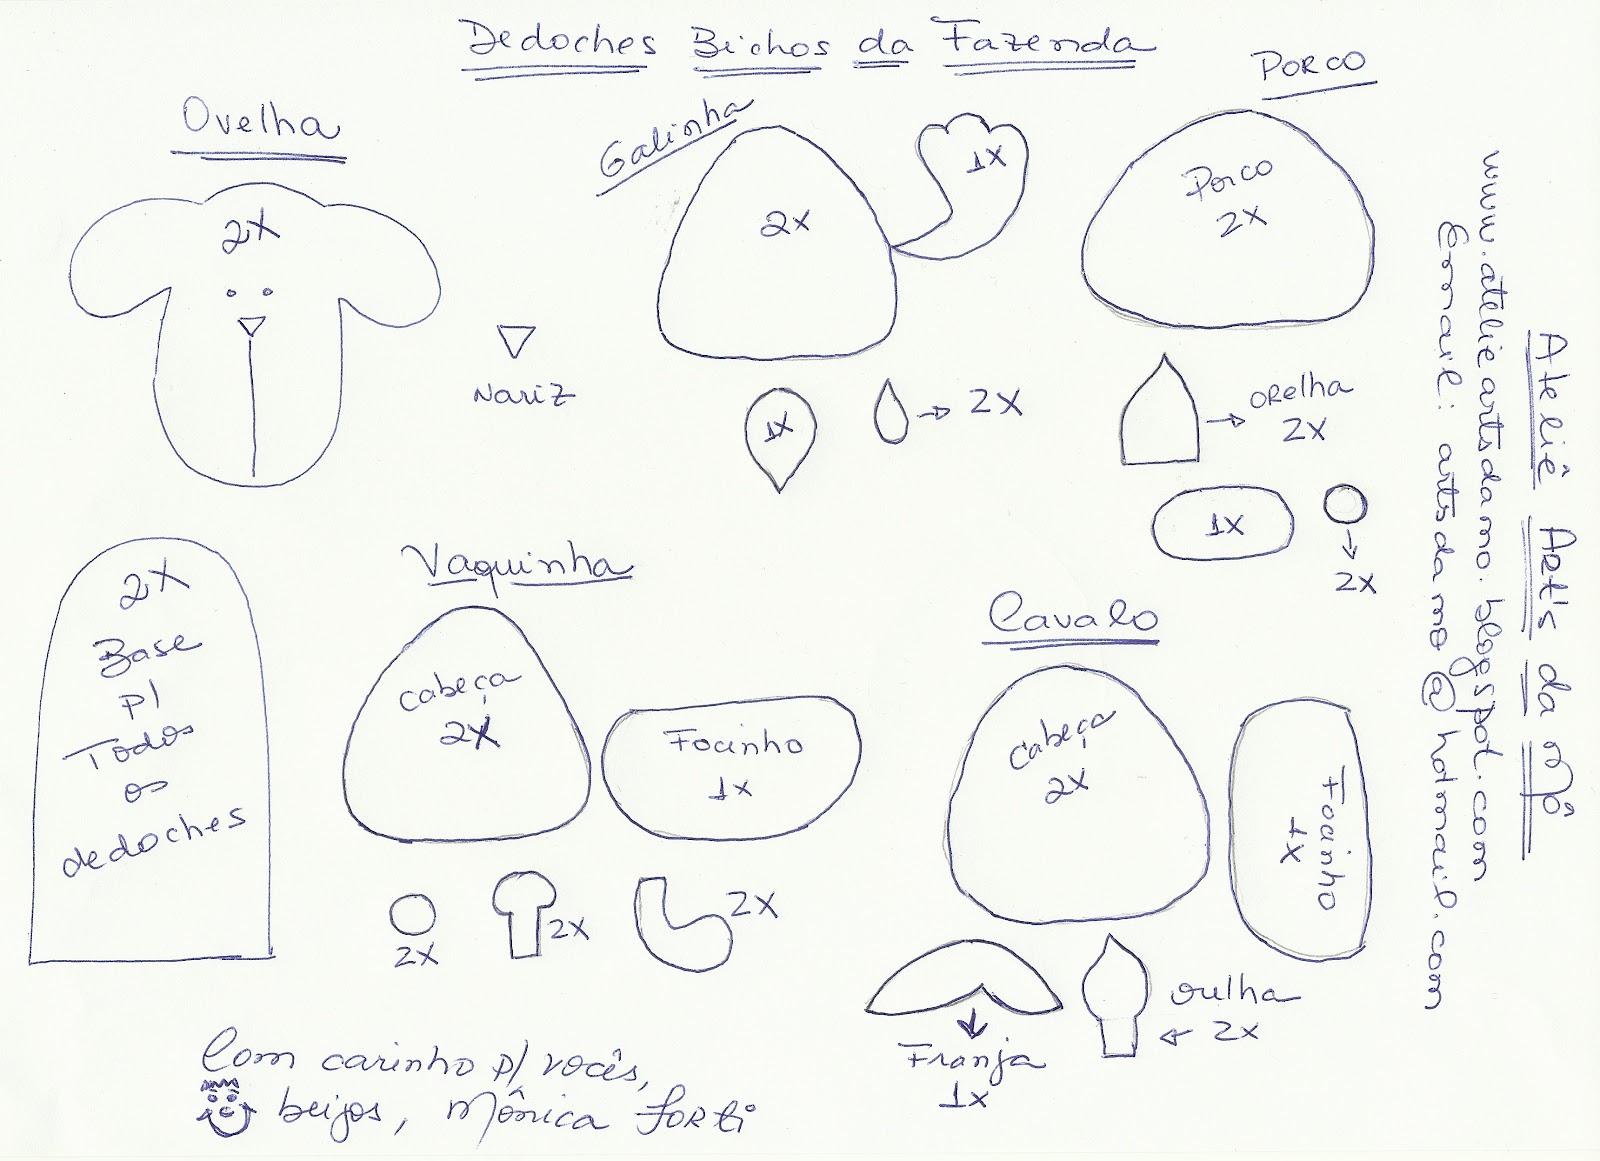 Preferência Moldes Para Artesanato em Tecido: Molde dedoches bichinhos da  NT55